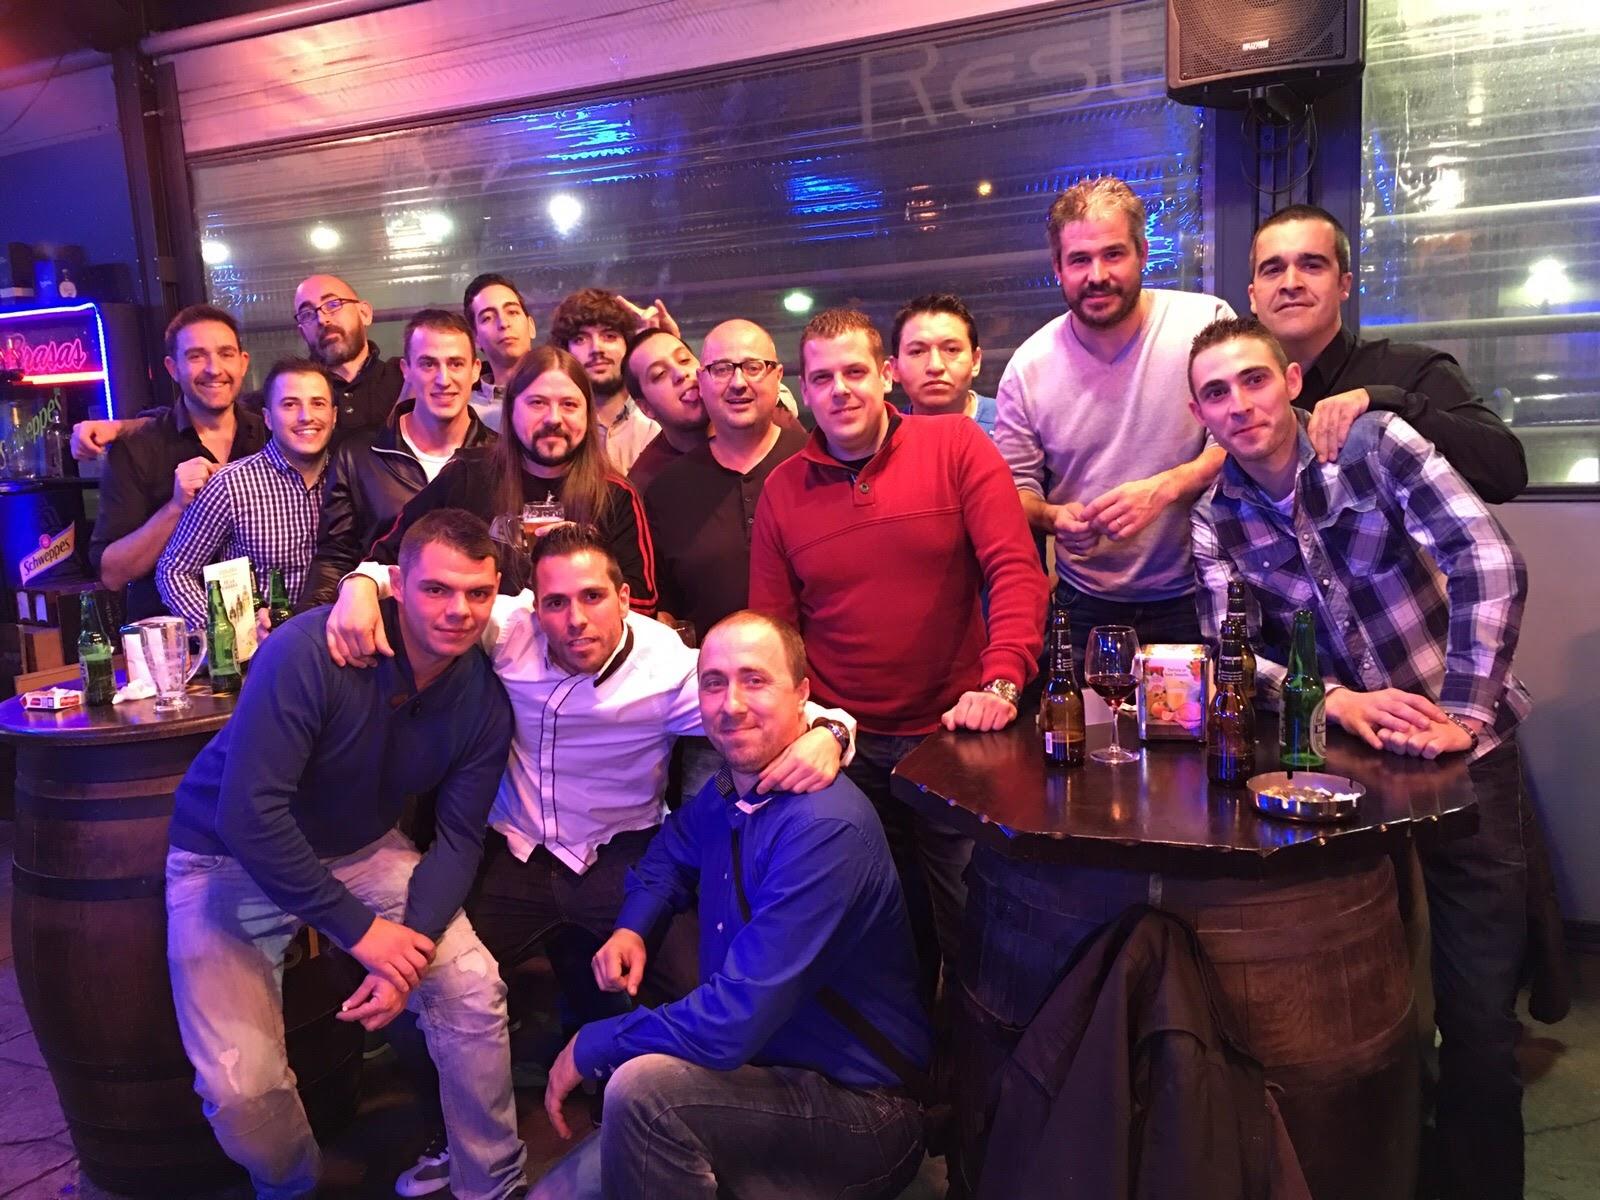 cena de empresa 2015 foto de grupo